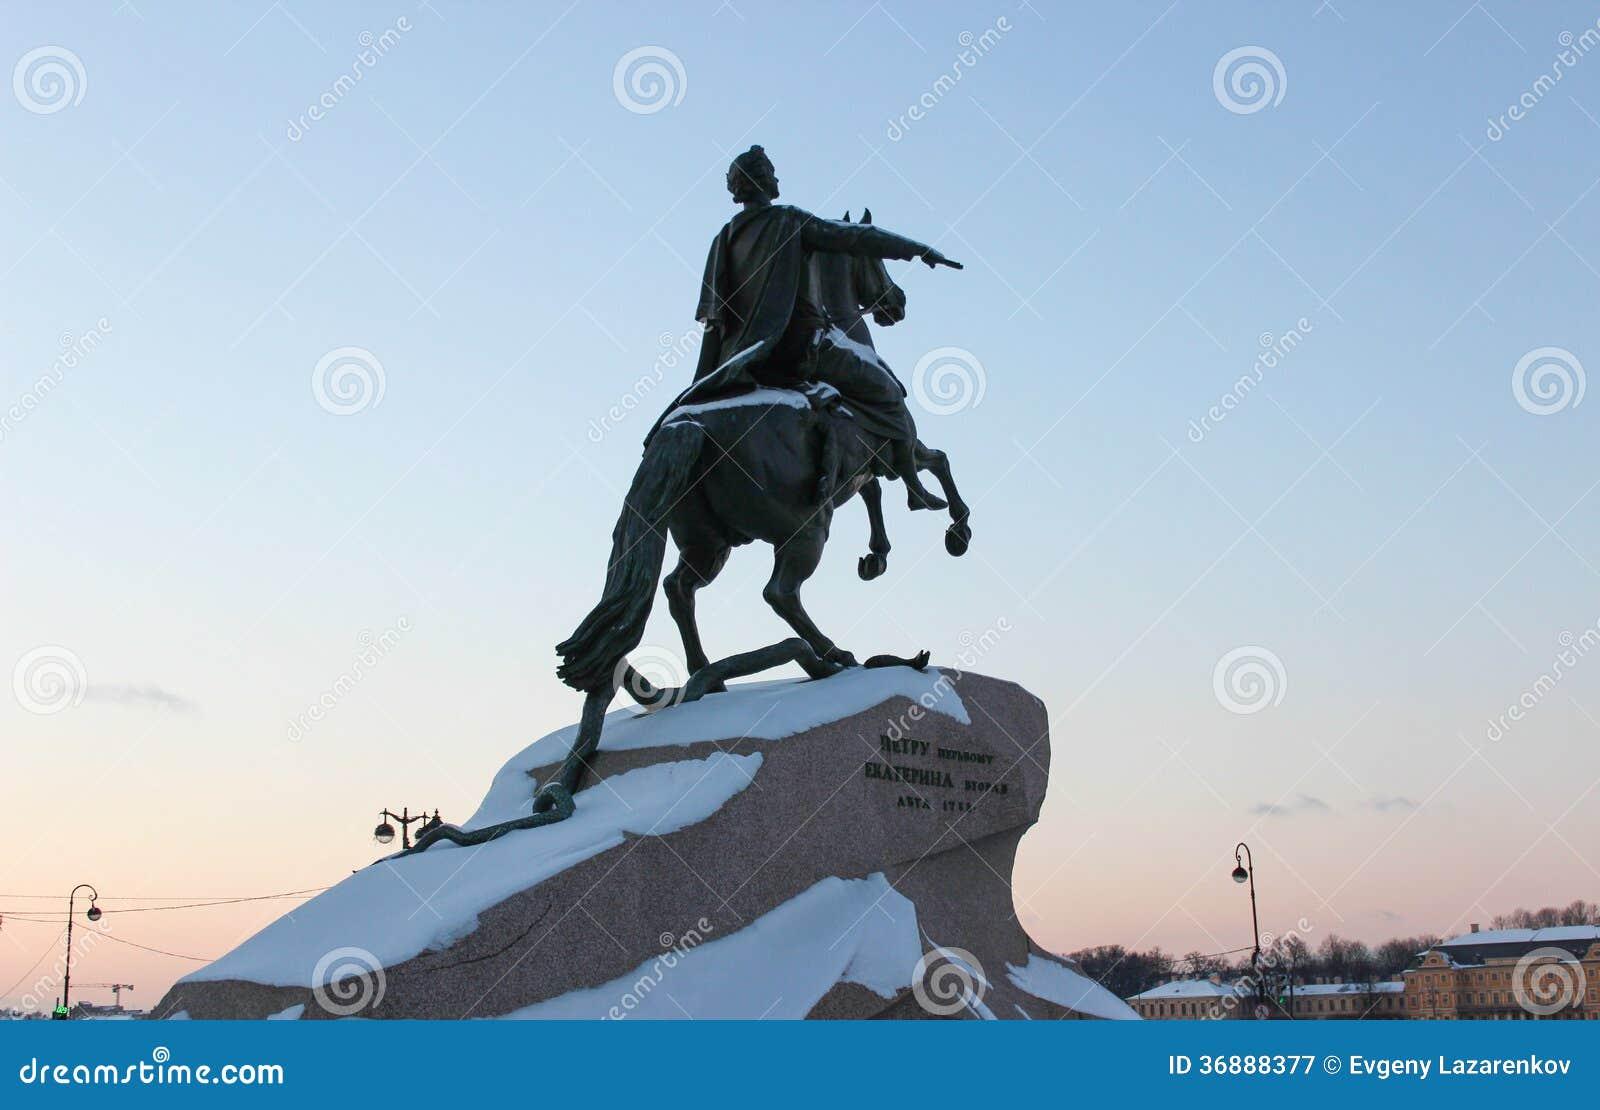 Bronzereiter, Monument zu Petere zuerst, St Petersburg